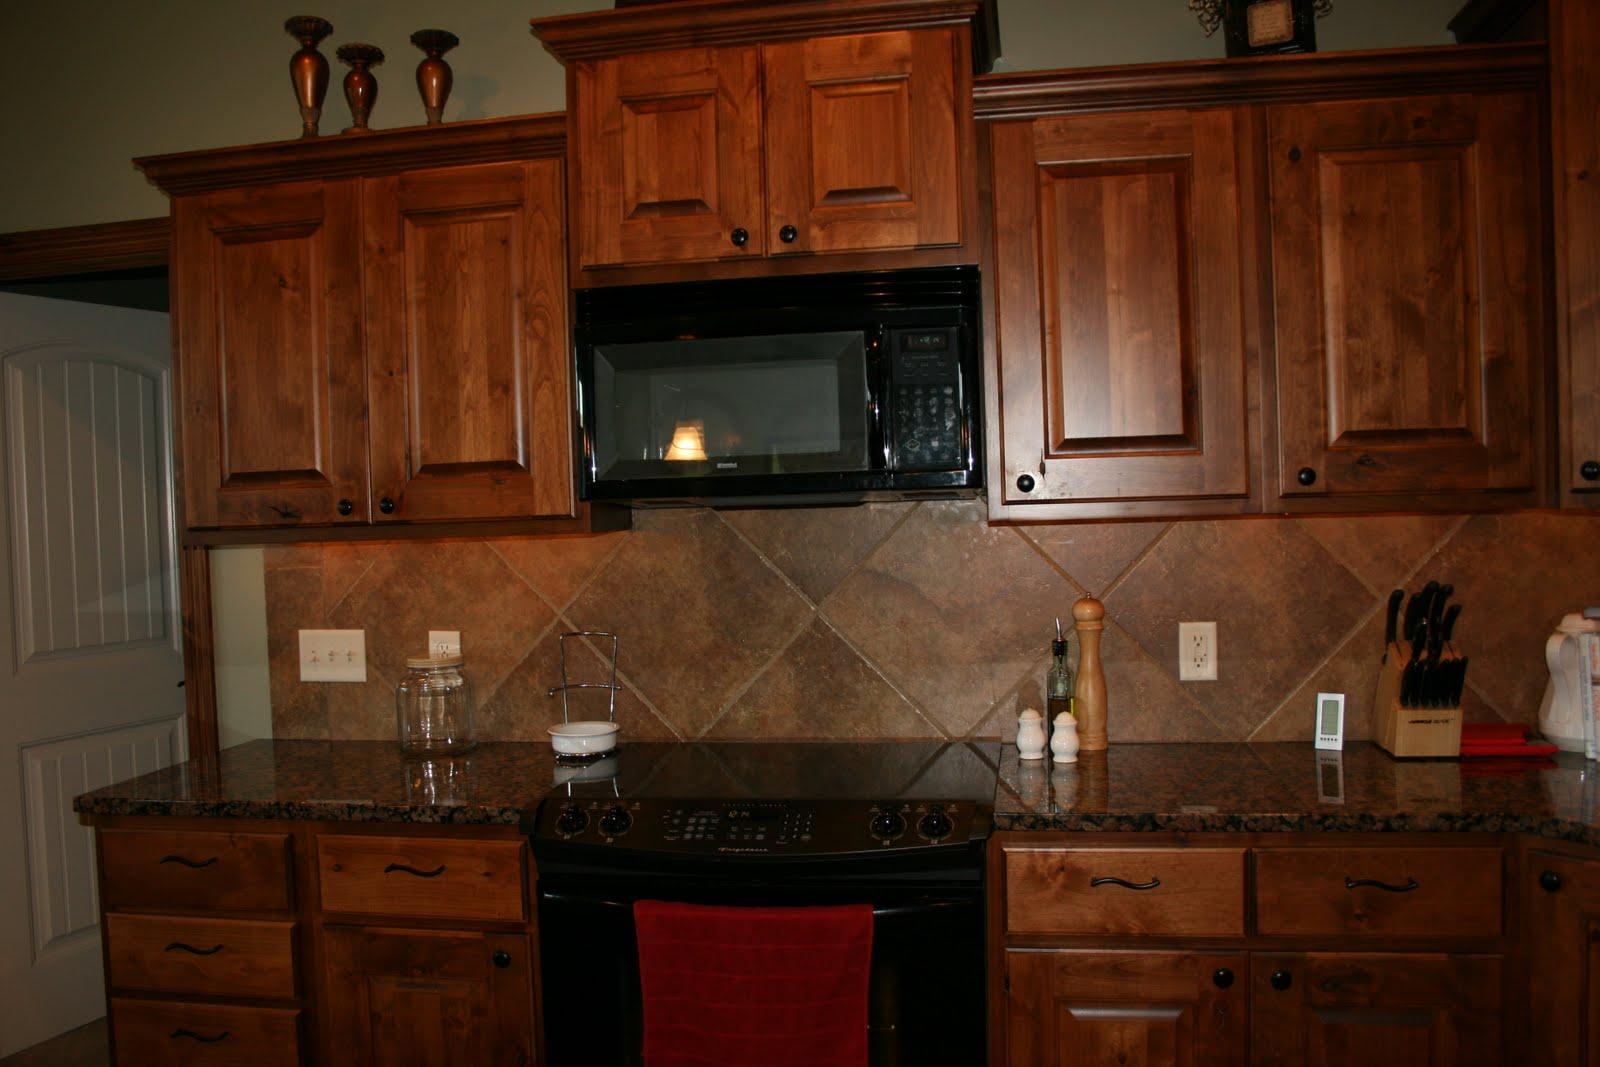 alder kitchen cabinets ikea countertop ideas on pinterest knotty